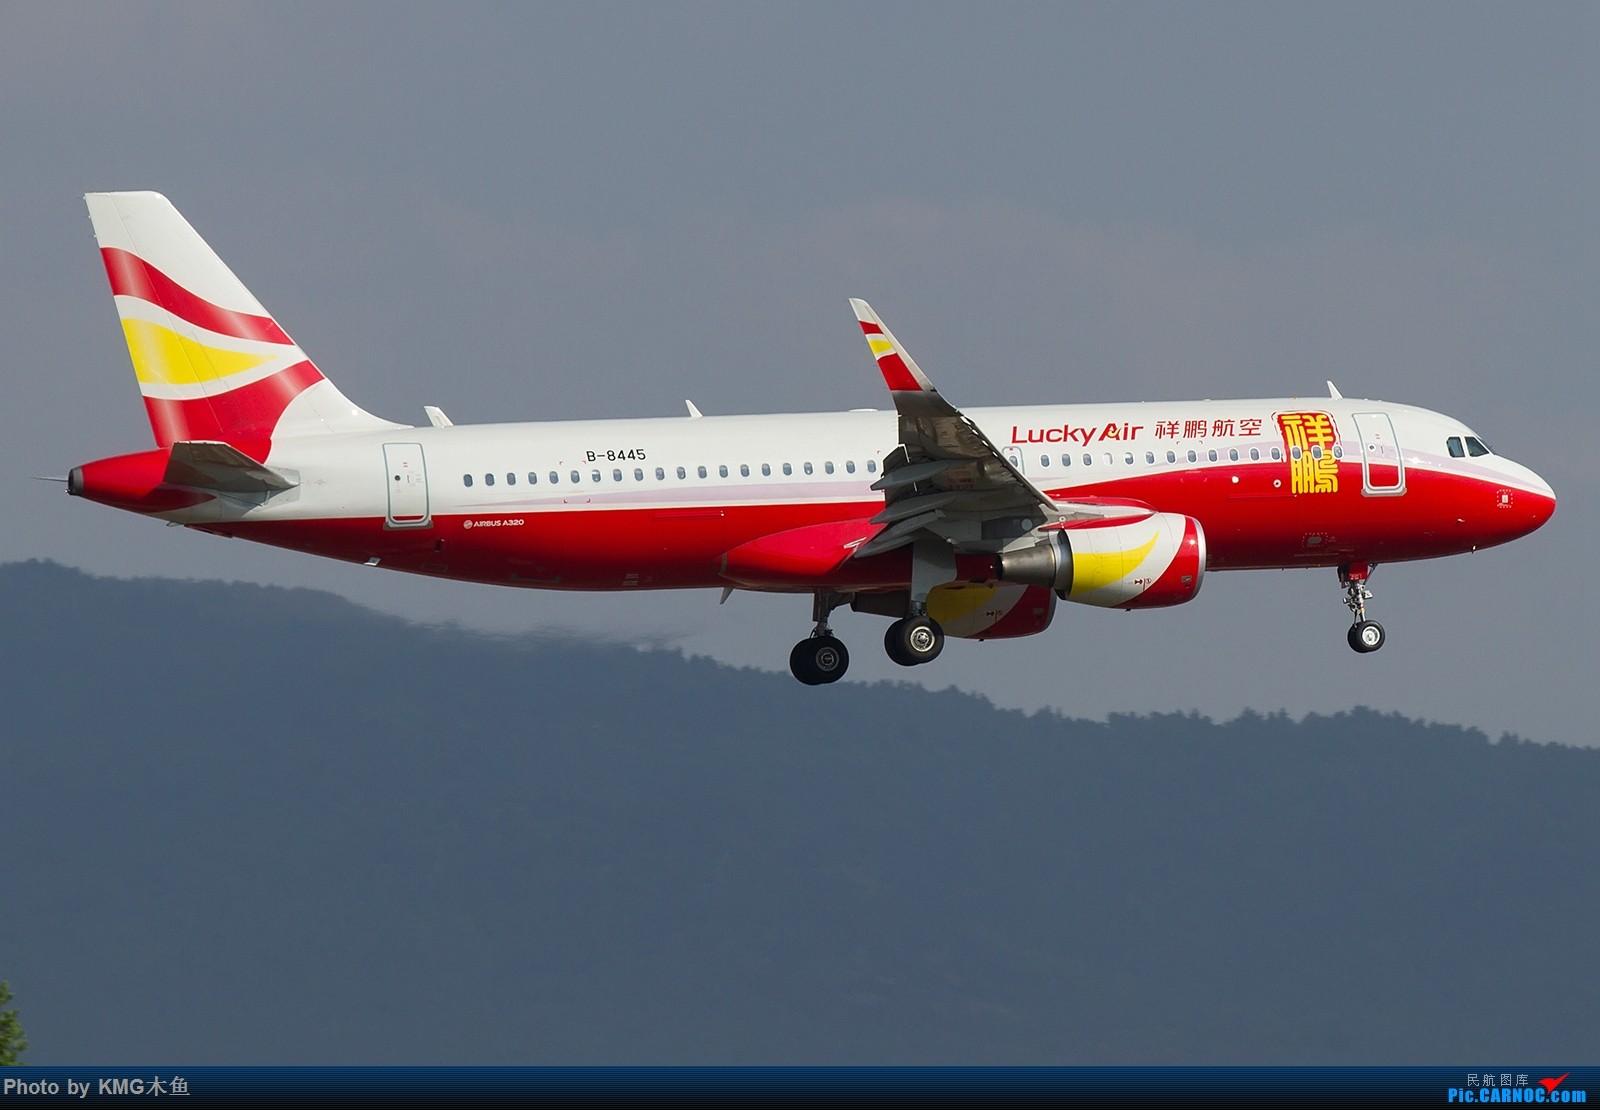 Re:[原创]【昆明长水国际机场——KMG木鱼拍机】向着功勋级出发,把库存图拿出来发了(高清大图) AIRBUS A320-200 B-8445 中国昆明长水国际机场